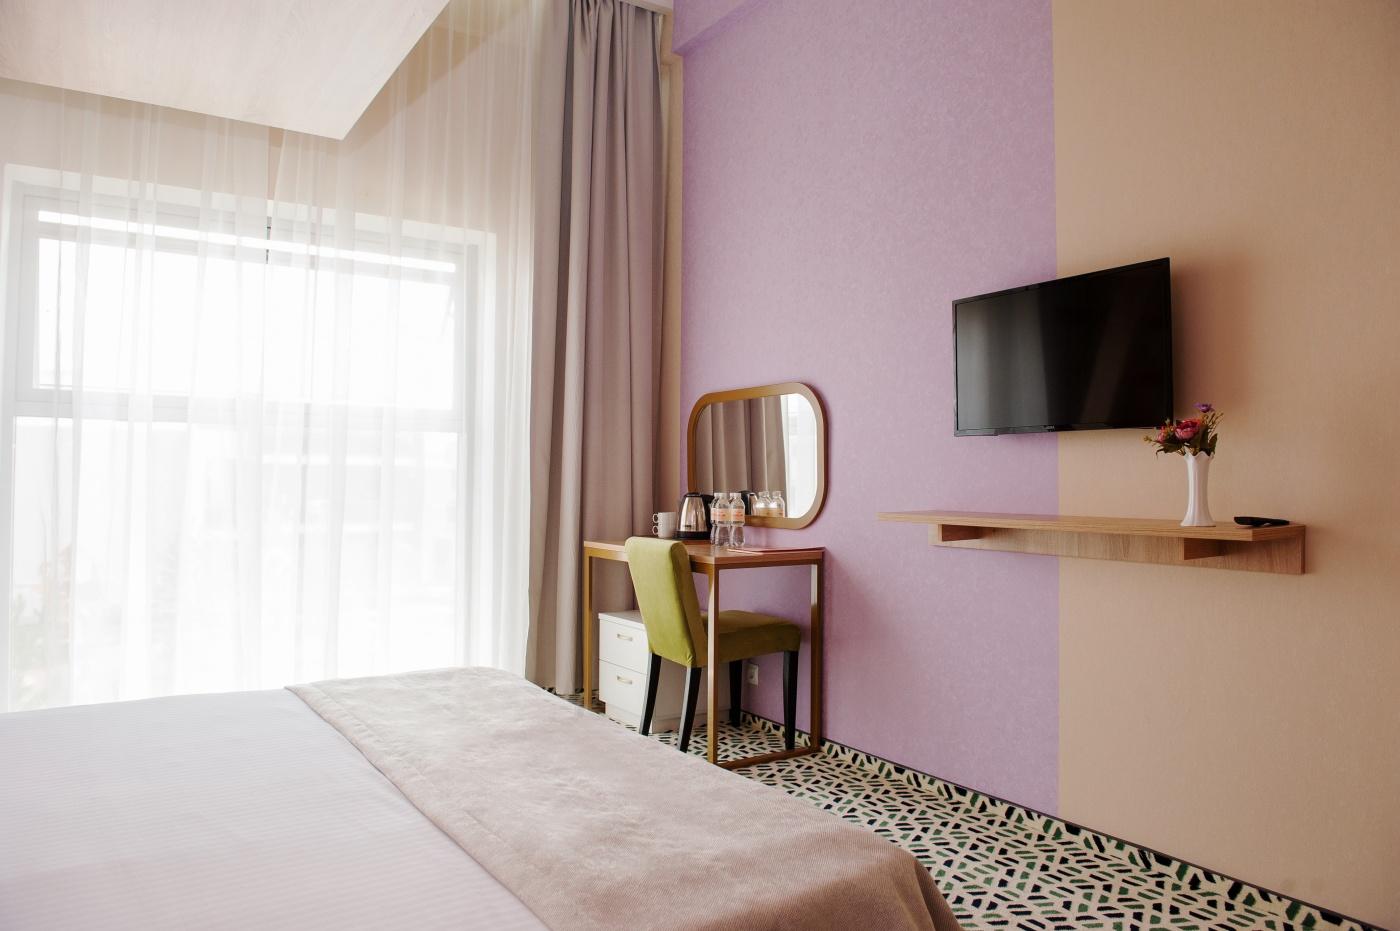 Отель «Aurum Family Resort & Spa» Краснодарский край Junior suite 2-местный , фото 4